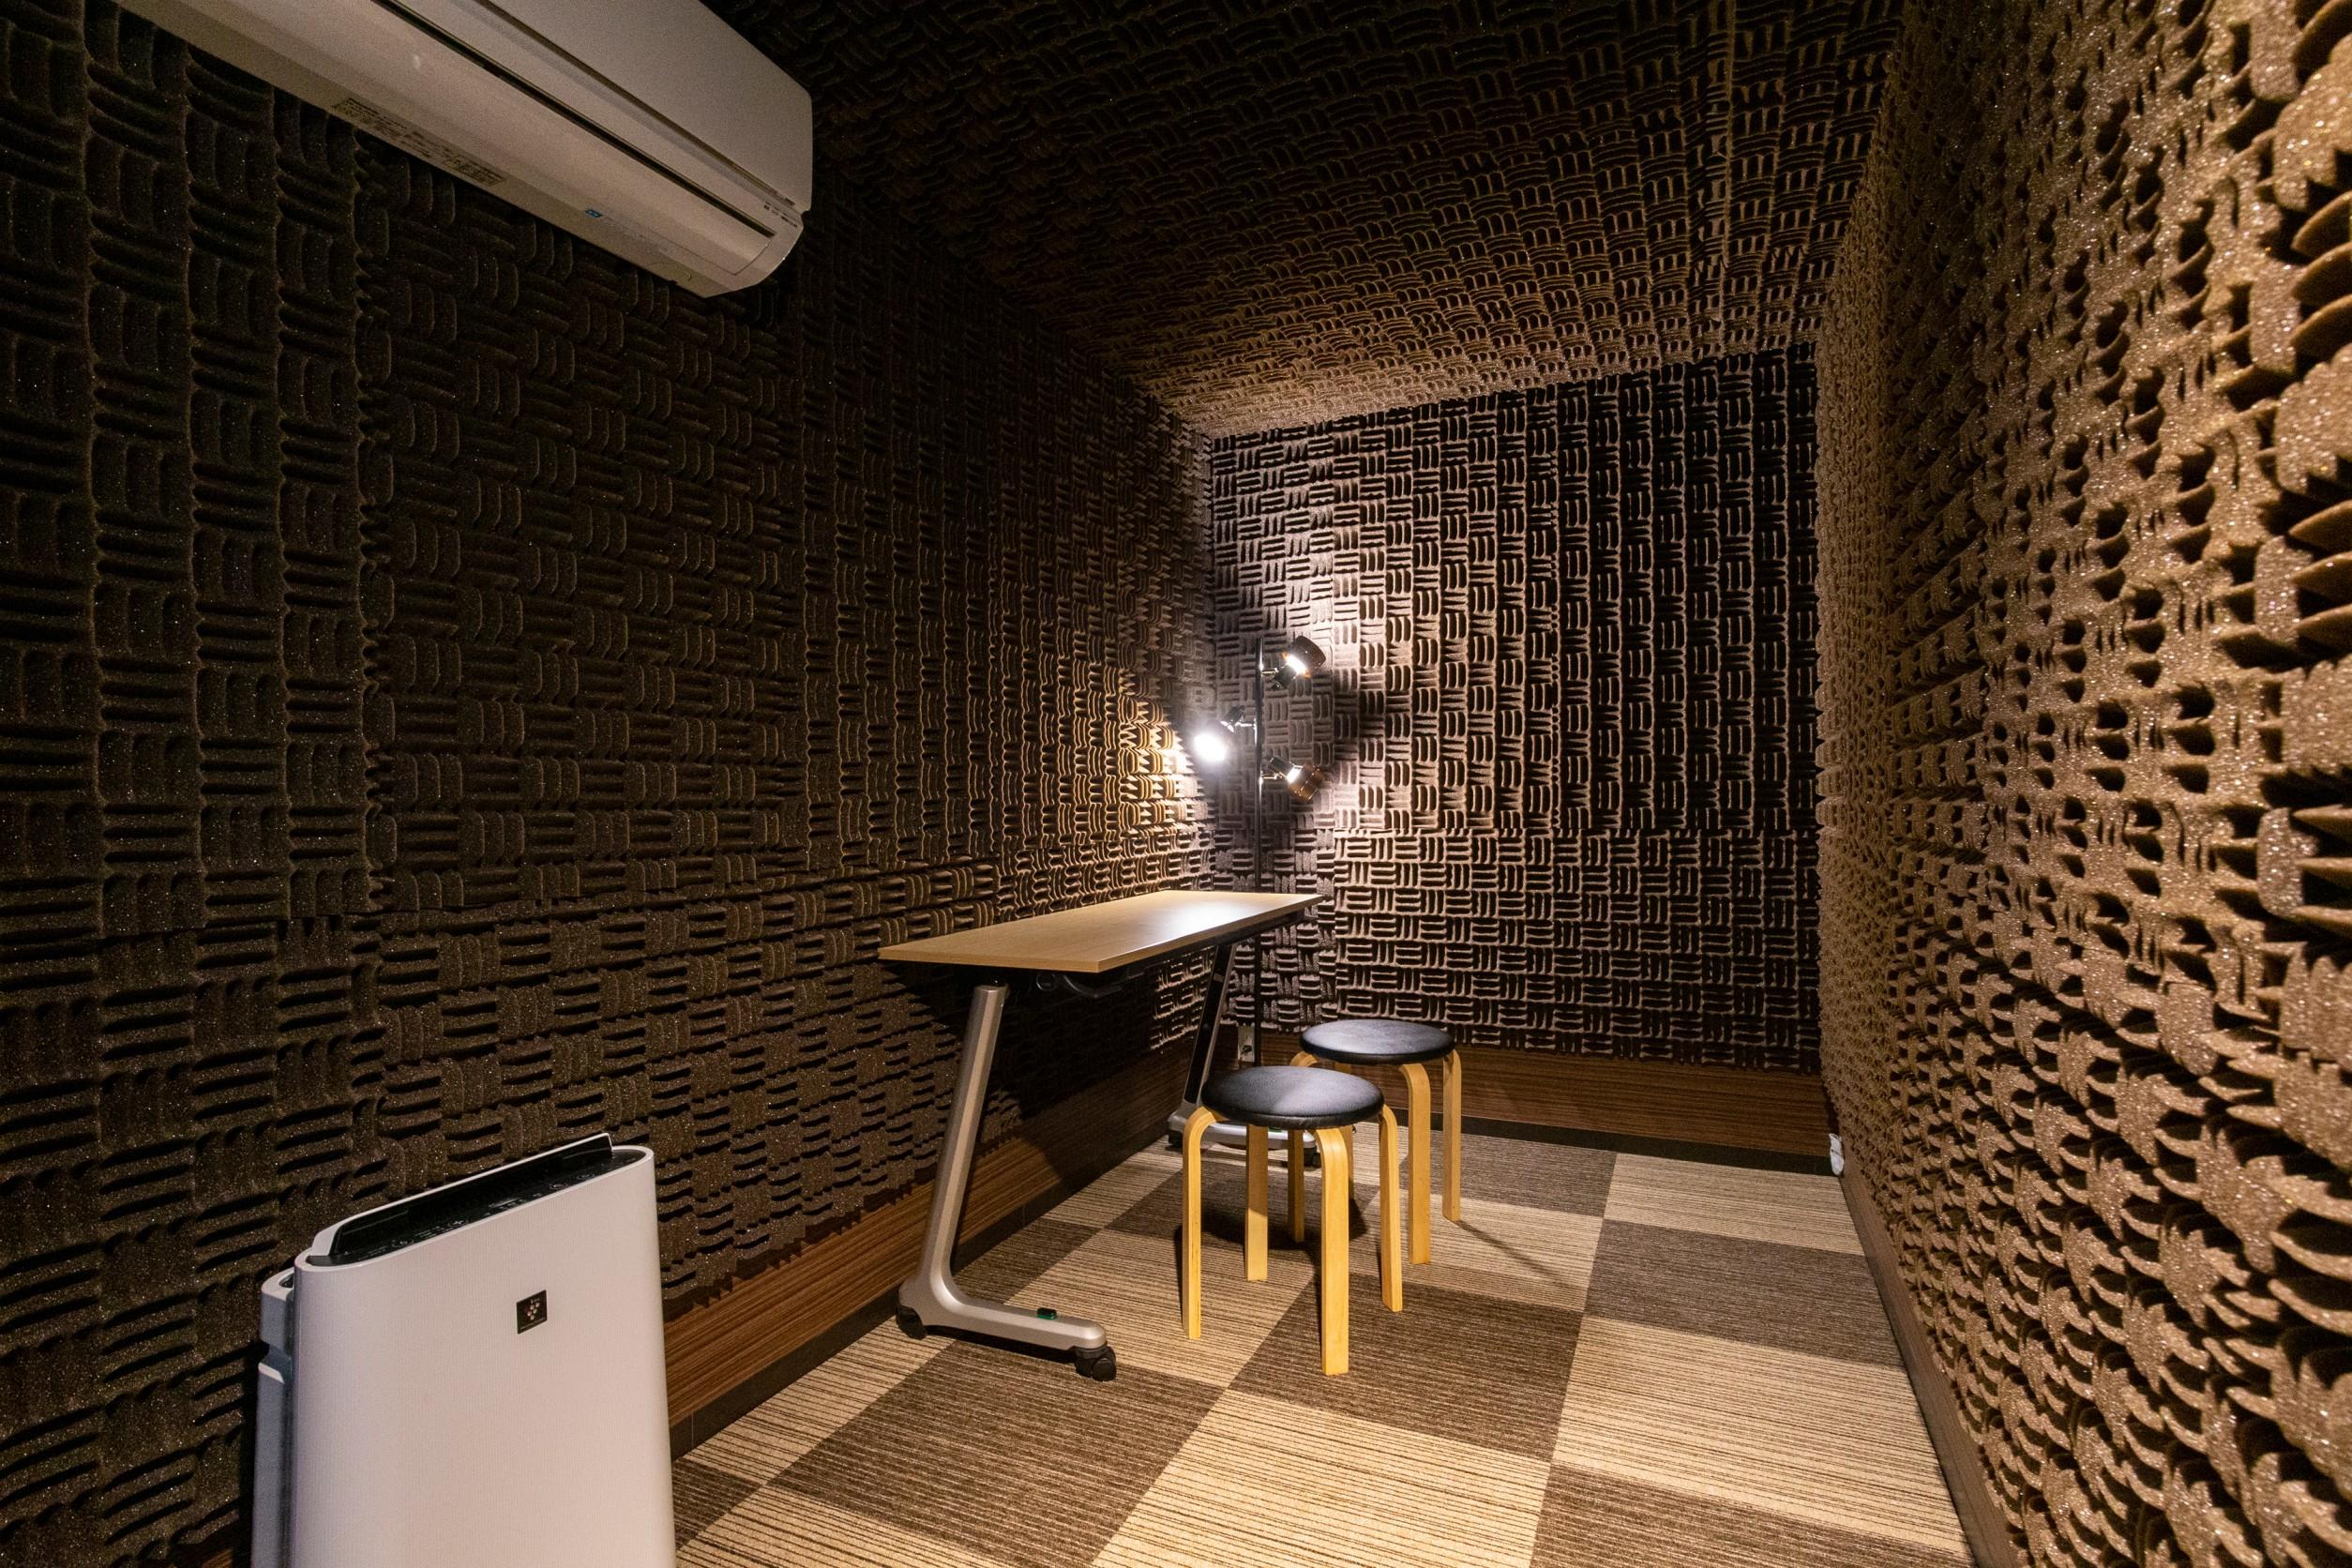 音楽レッスンなどに最適な空間です。 - 天しもスタジオ 【防音室】Bスタジオの室内の写真